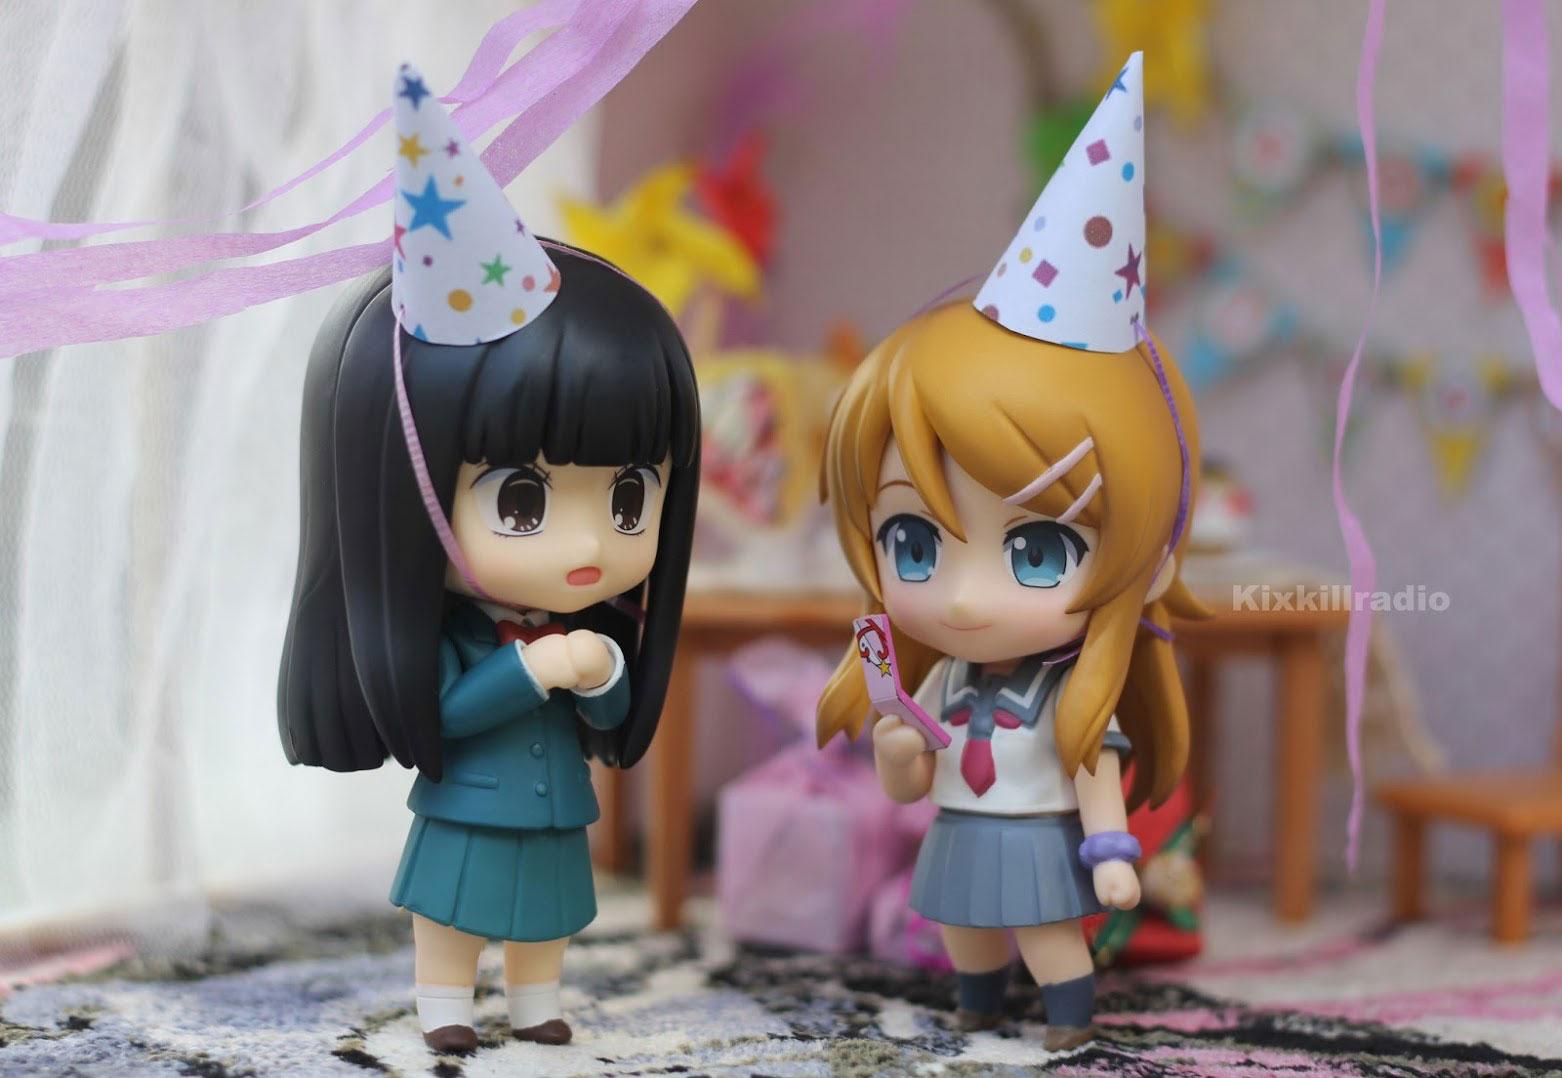 Nendoroid Kirino and Sawako birthday party